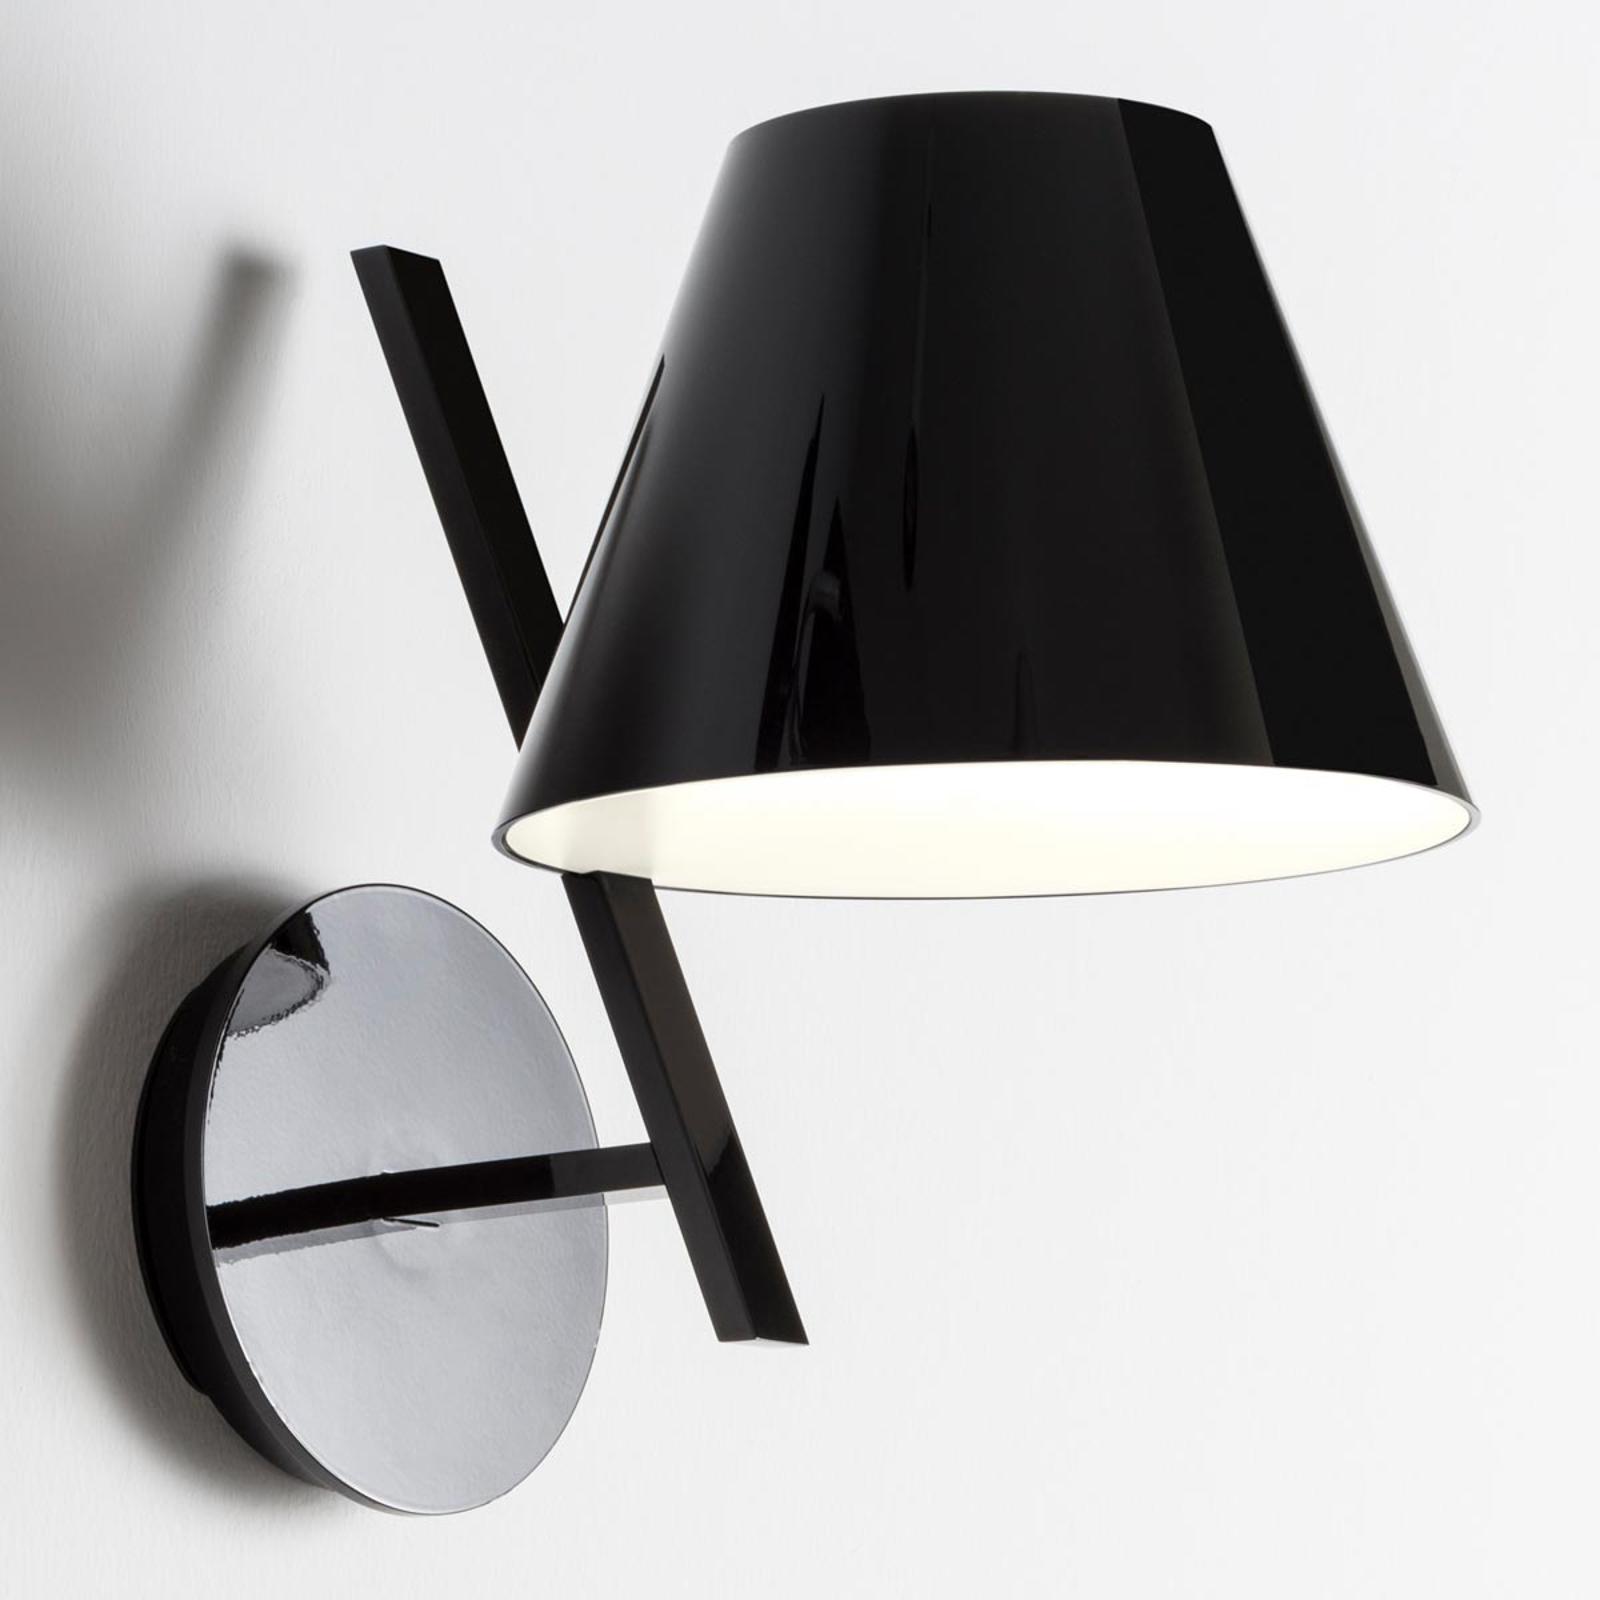 Applique nera di design La Petite